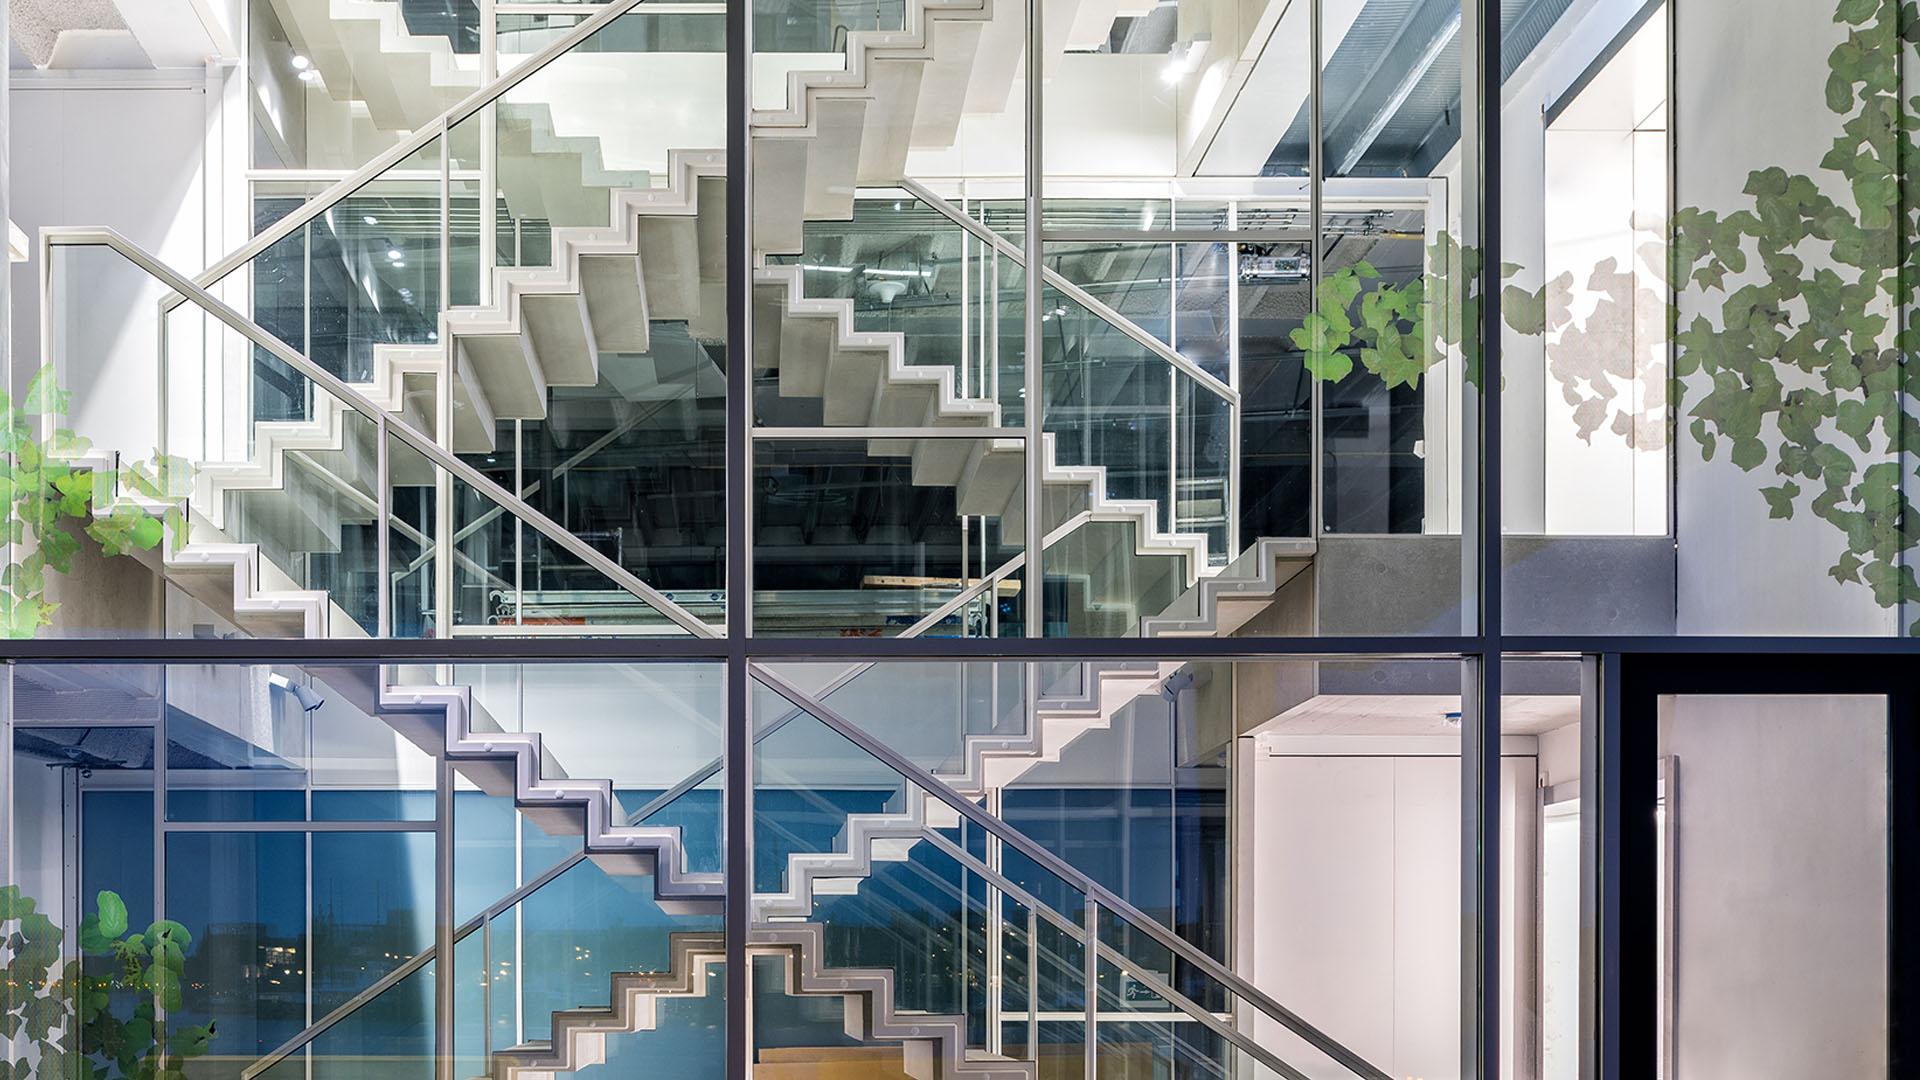 Glazed steel windows indoors